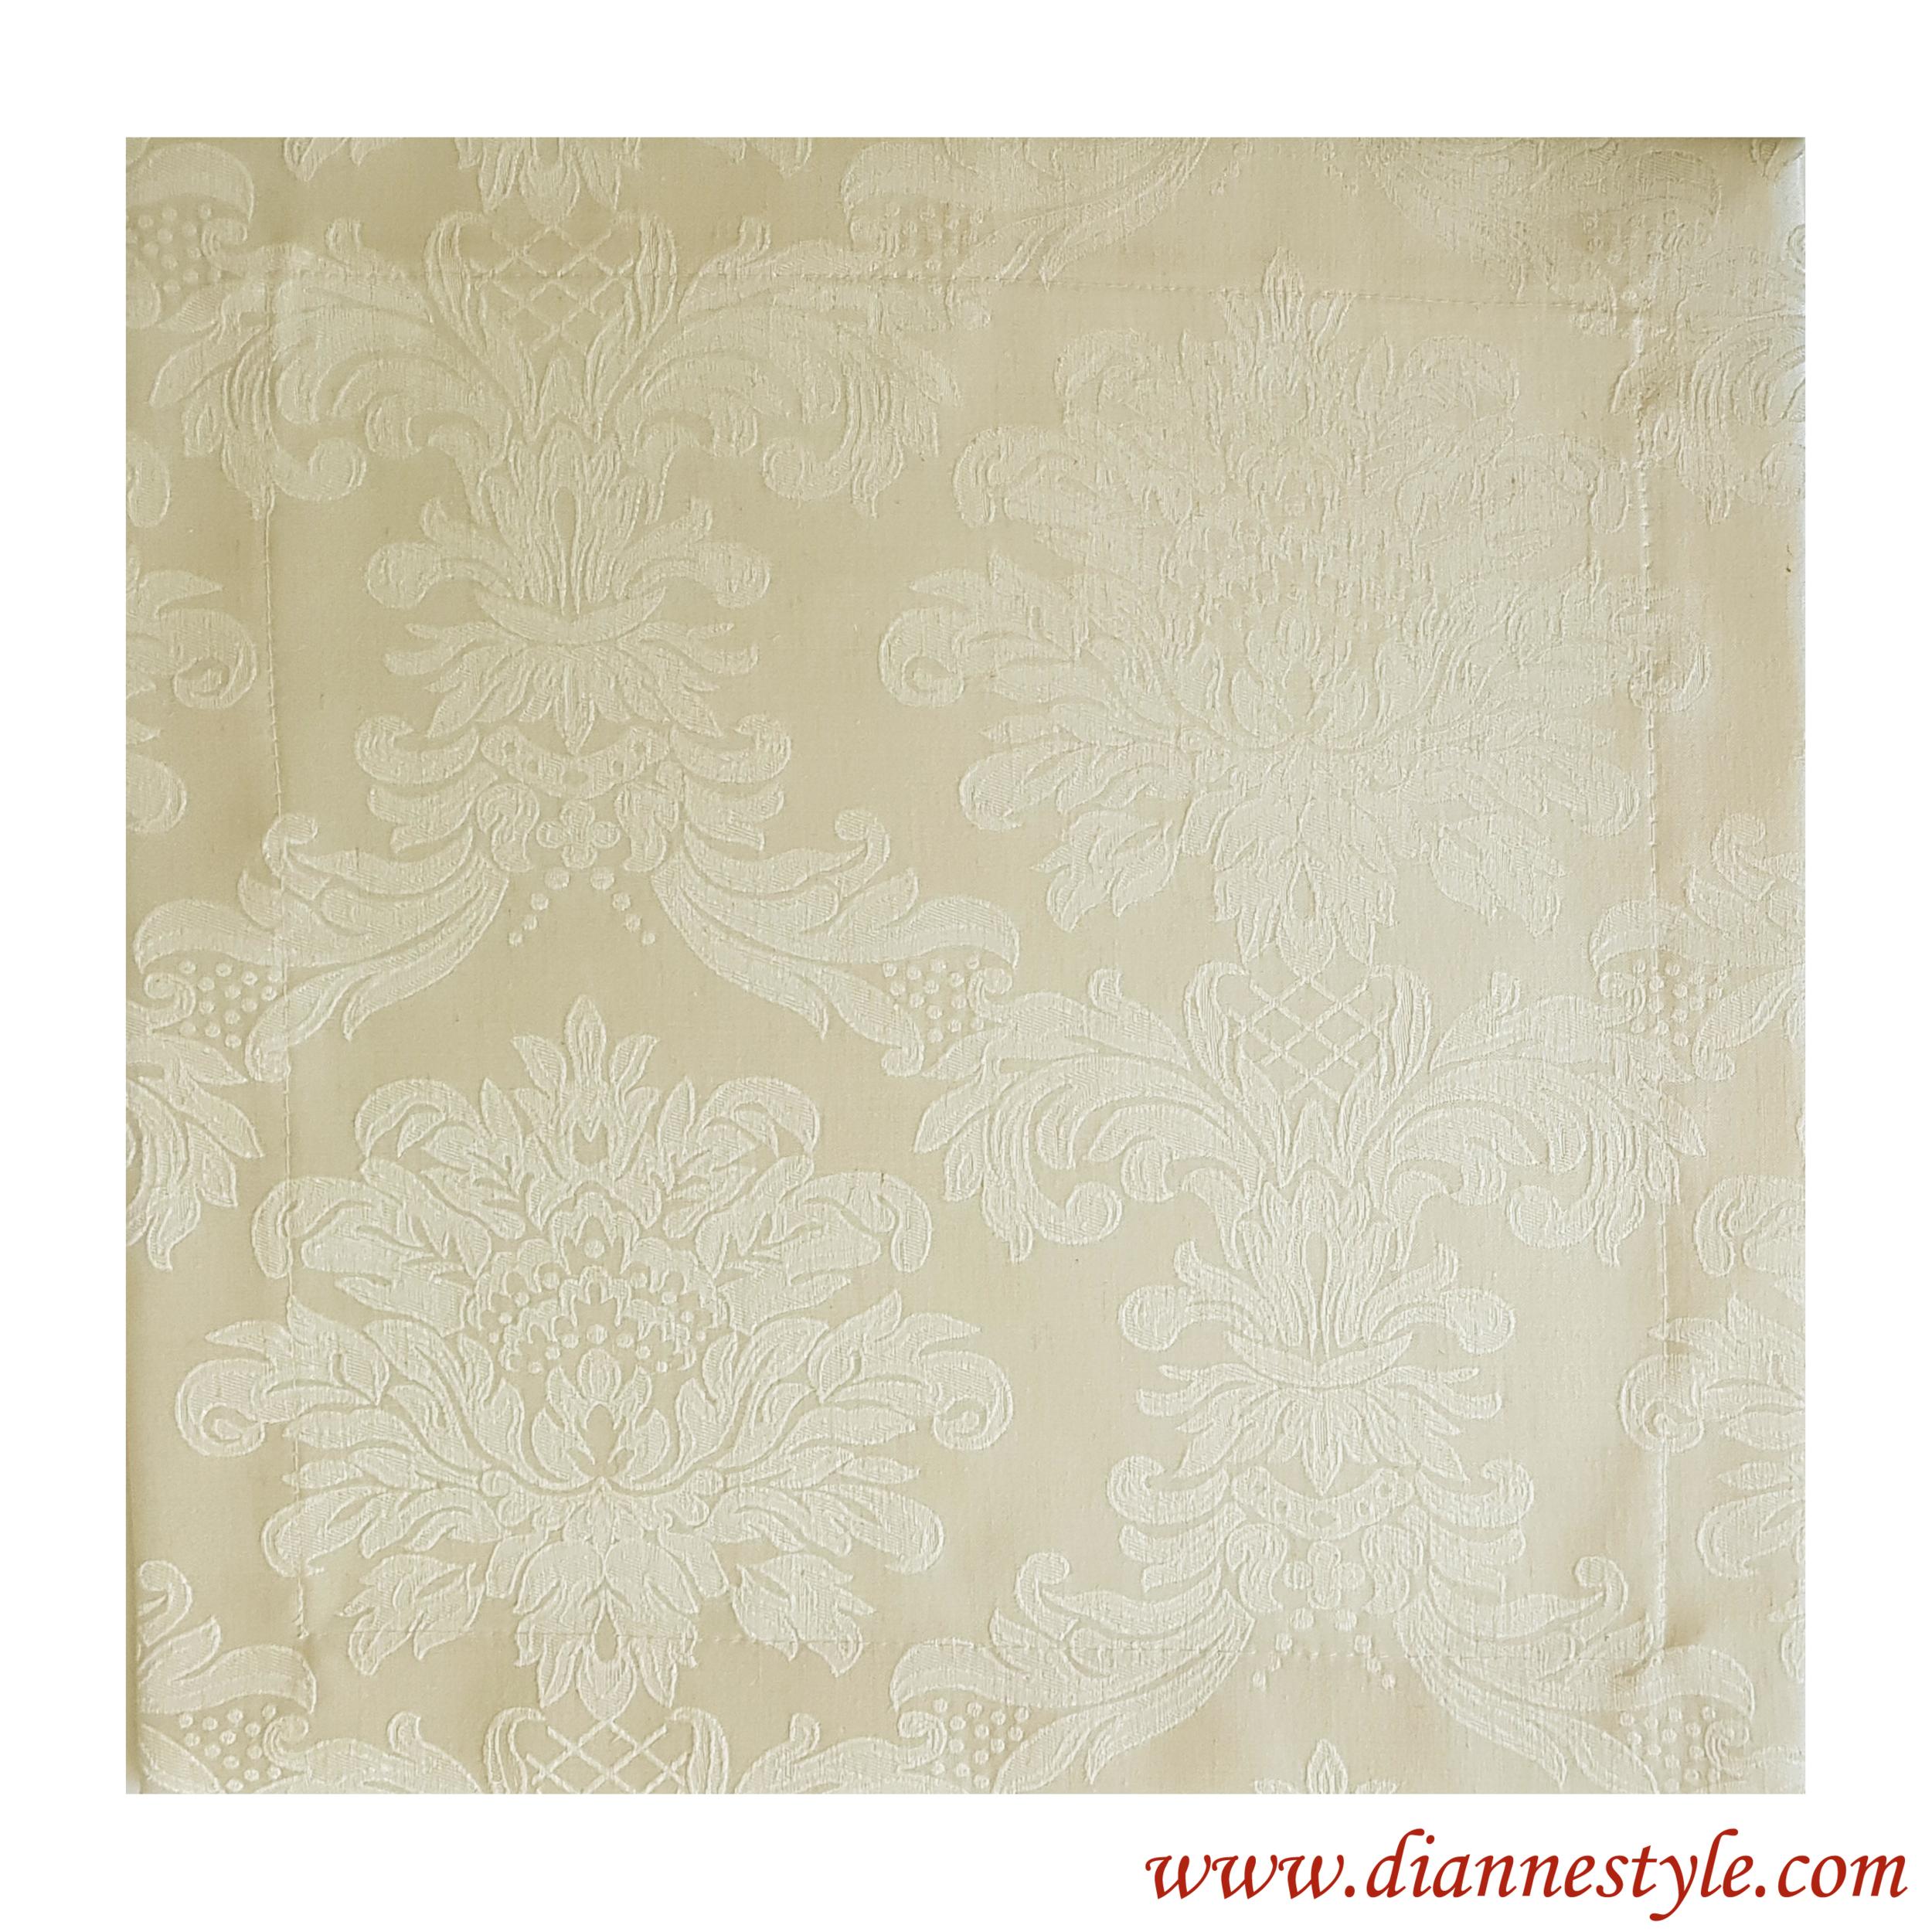 Serviette de table damassée ivoire Prestance 40x40 cm. Réf. 198